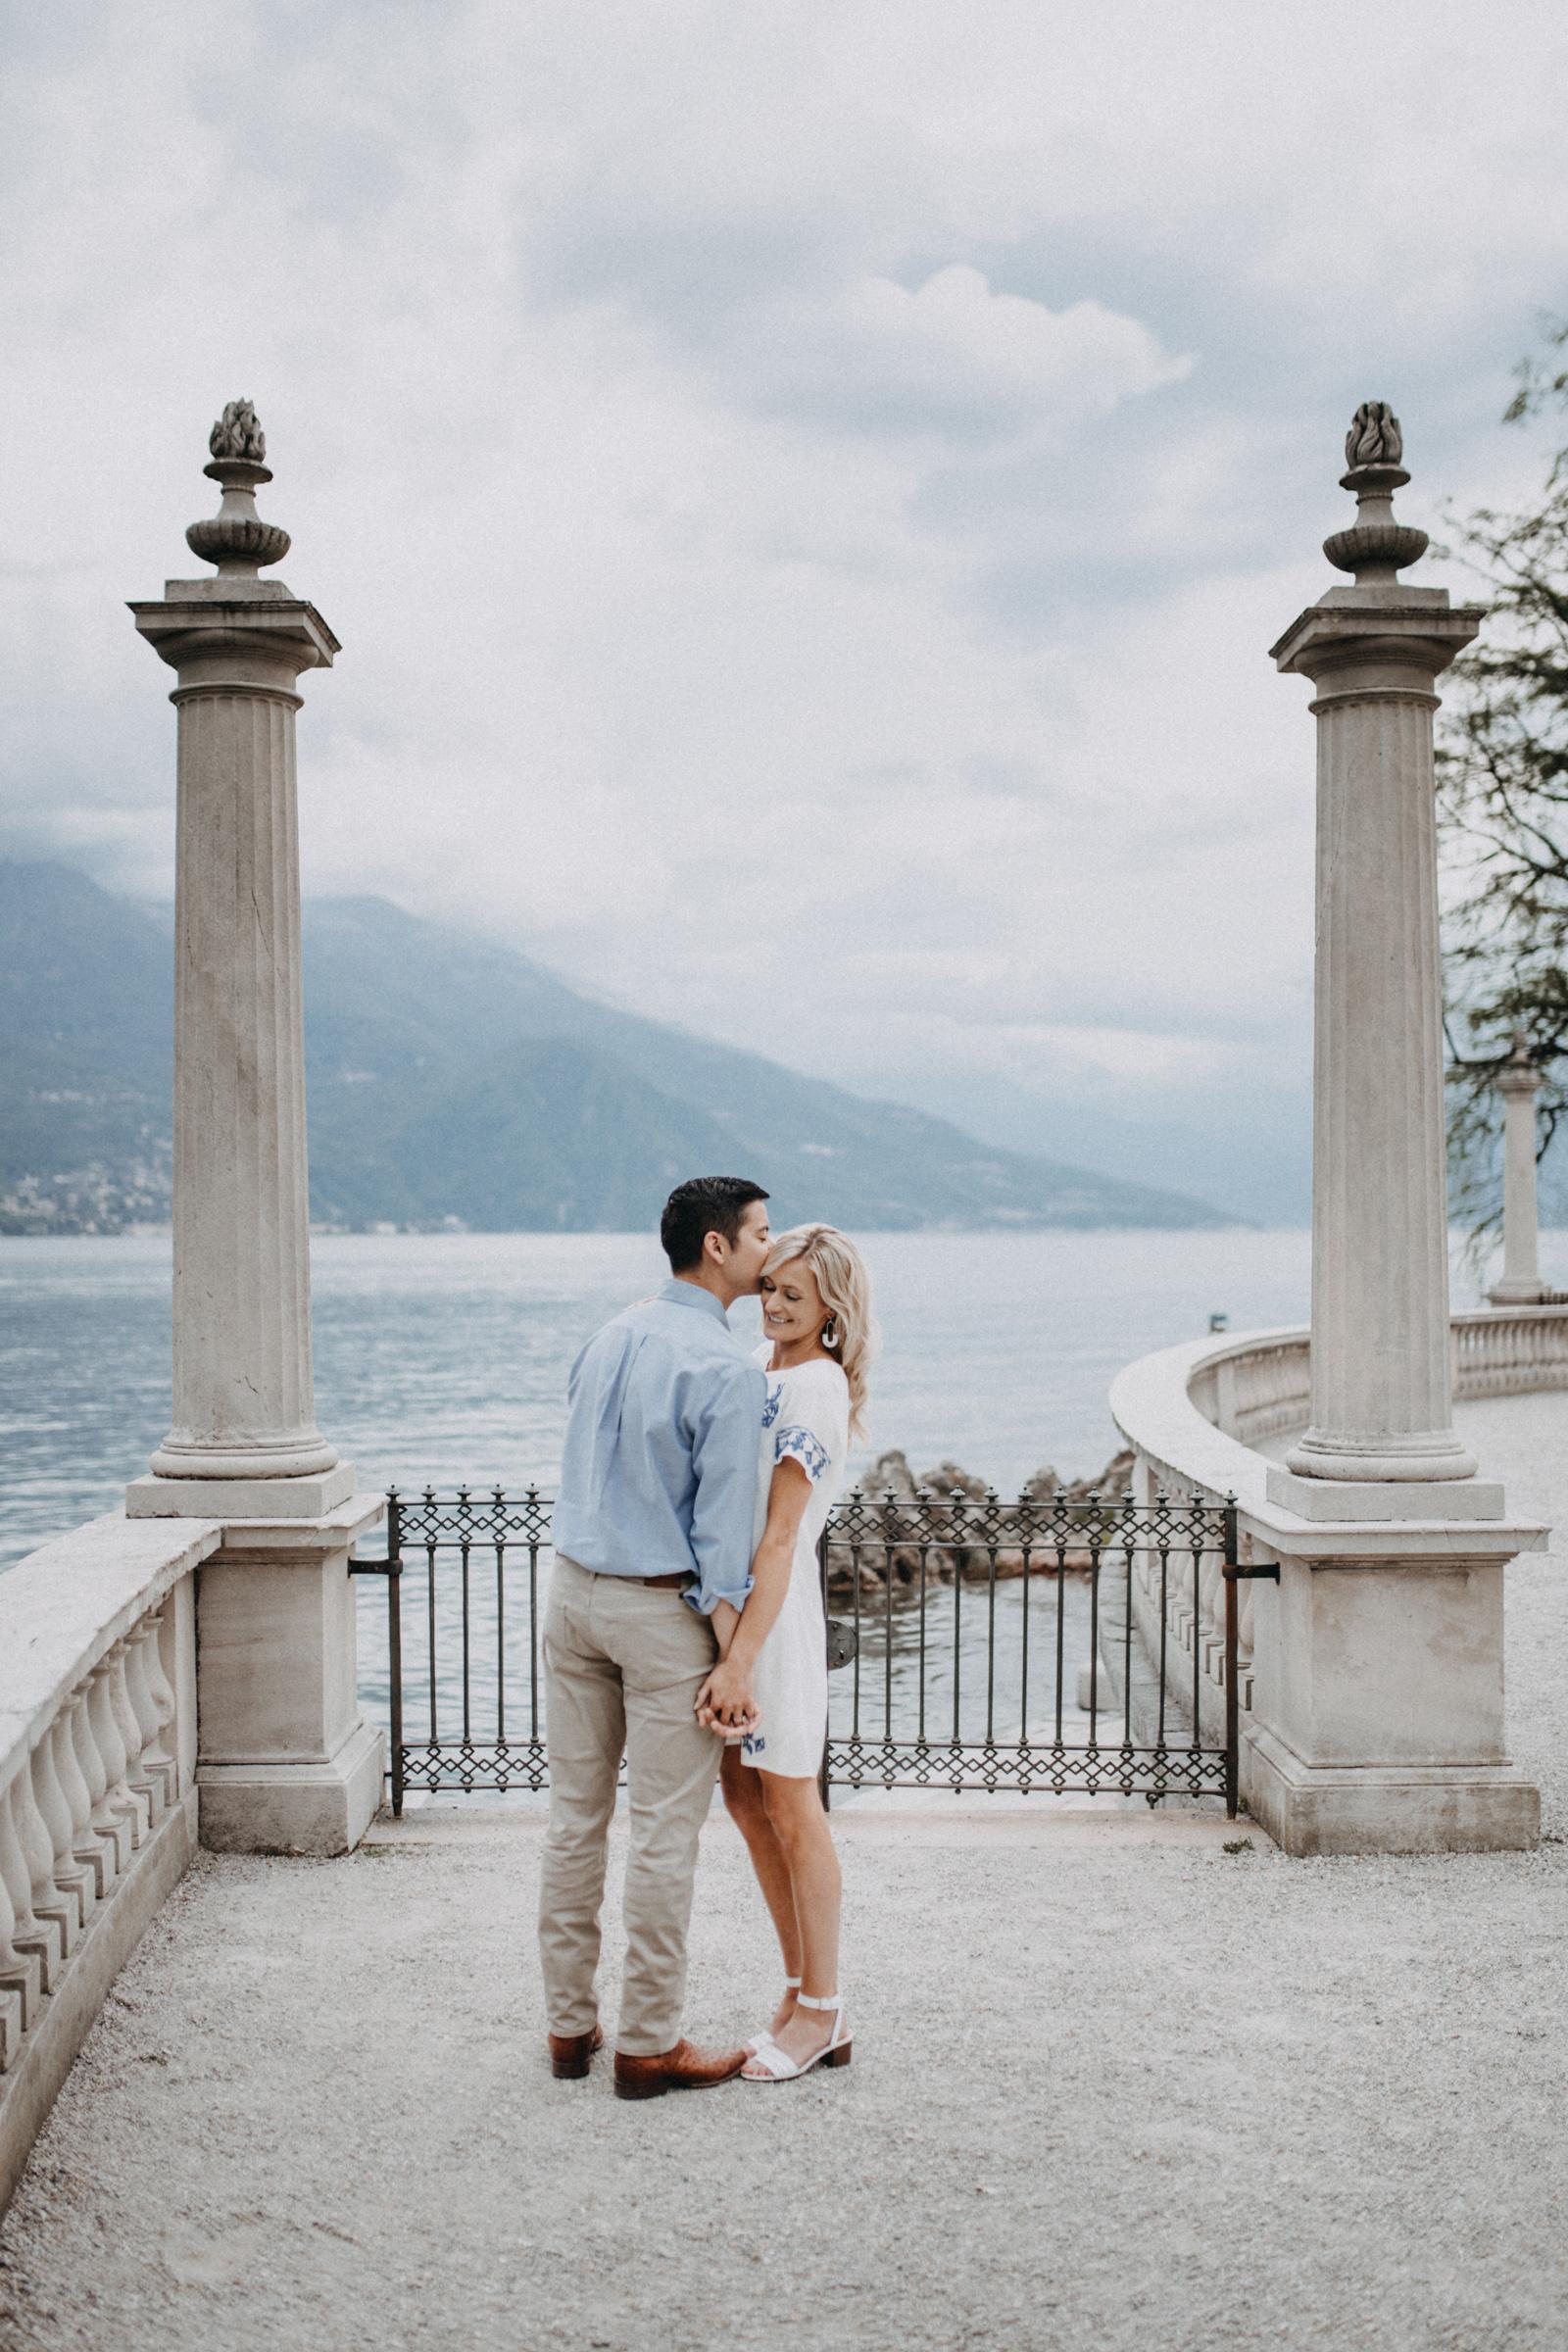 Shannon & Koji_Engagement_Proposal_Lake Como_010-1.jpg